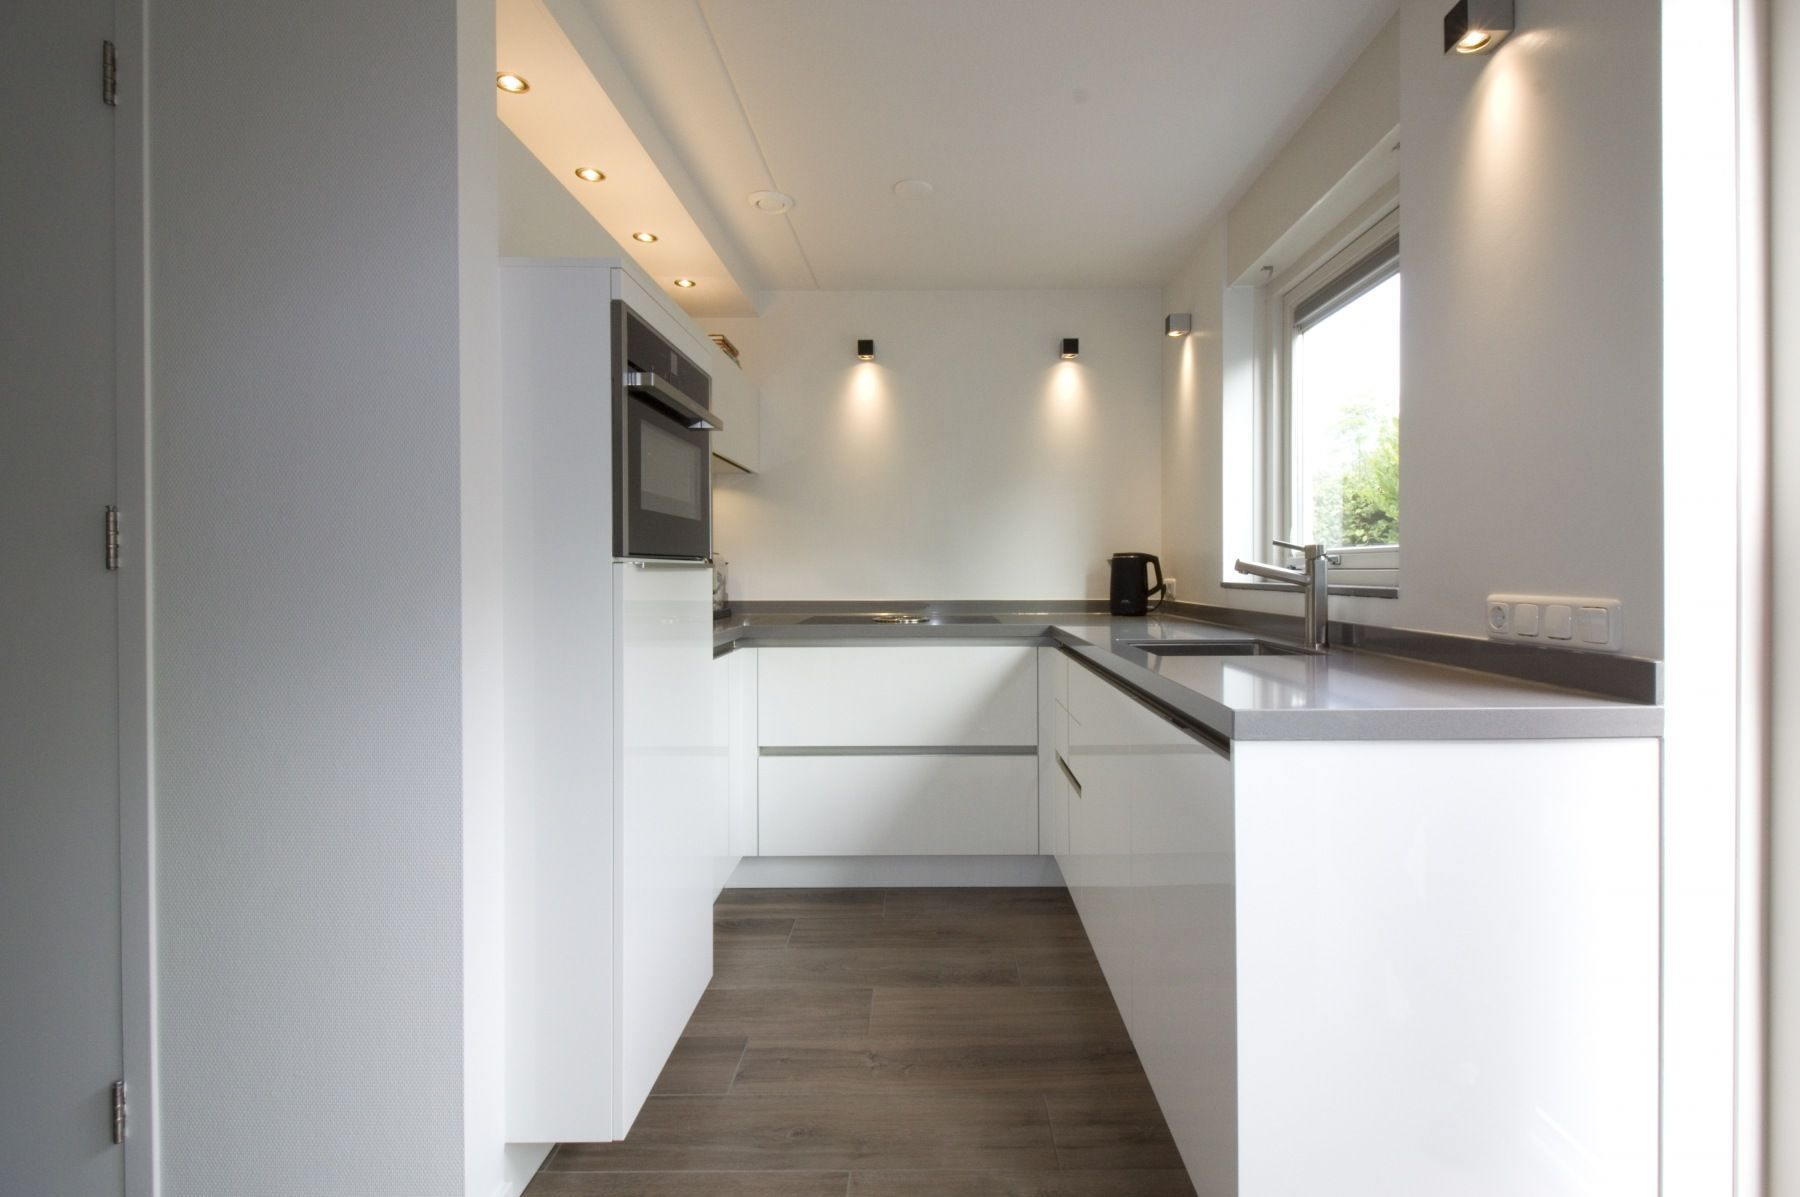 Verwonderlijk Valkenburg: grote strakke keuken in kleine ruimte (met MH-36